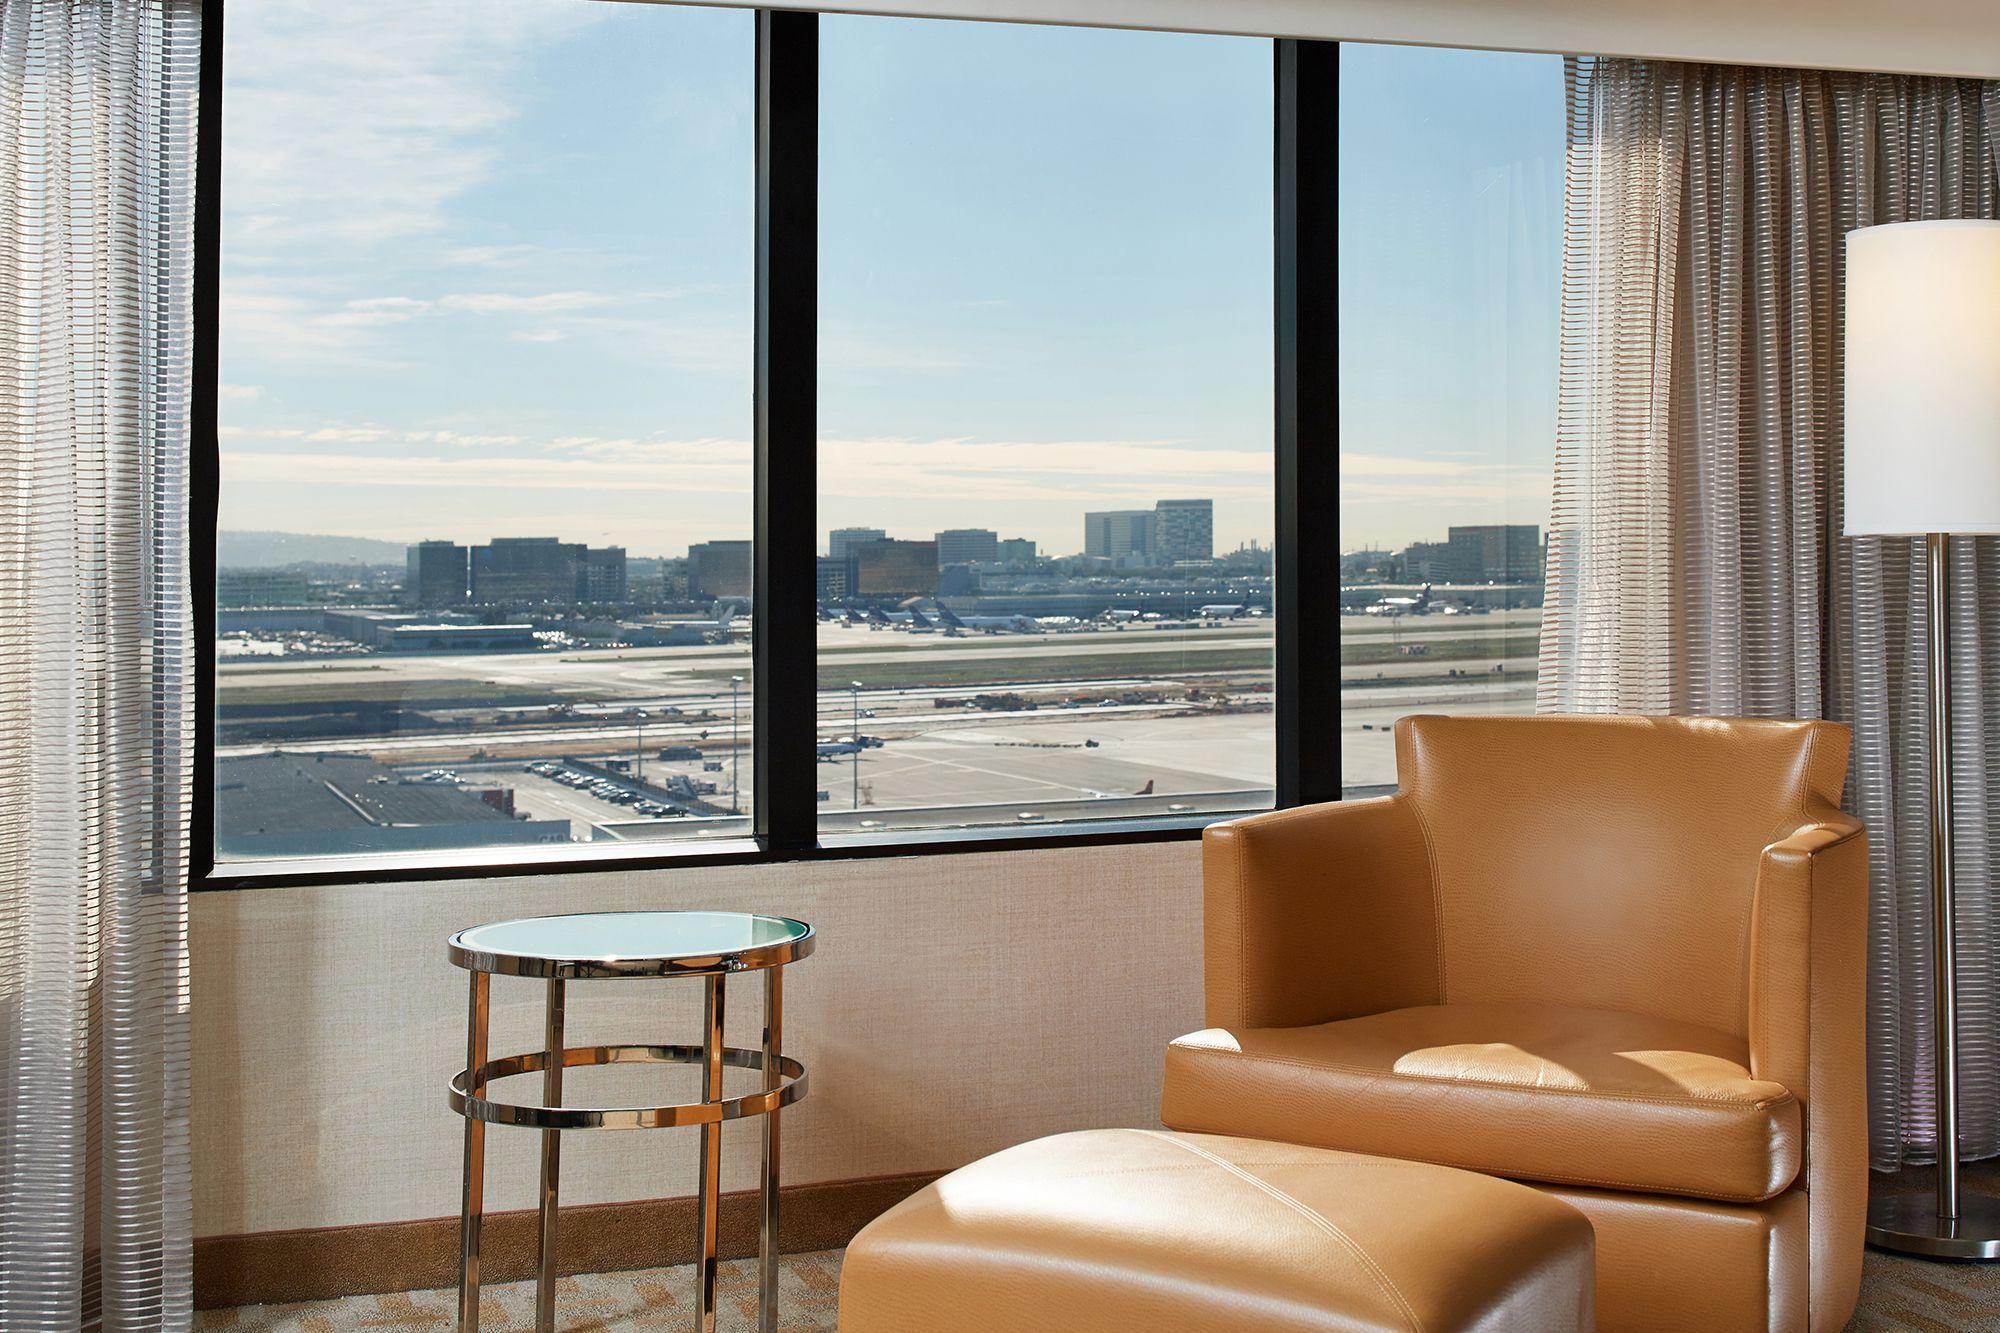 072 Los Angeles International Airport.jpg